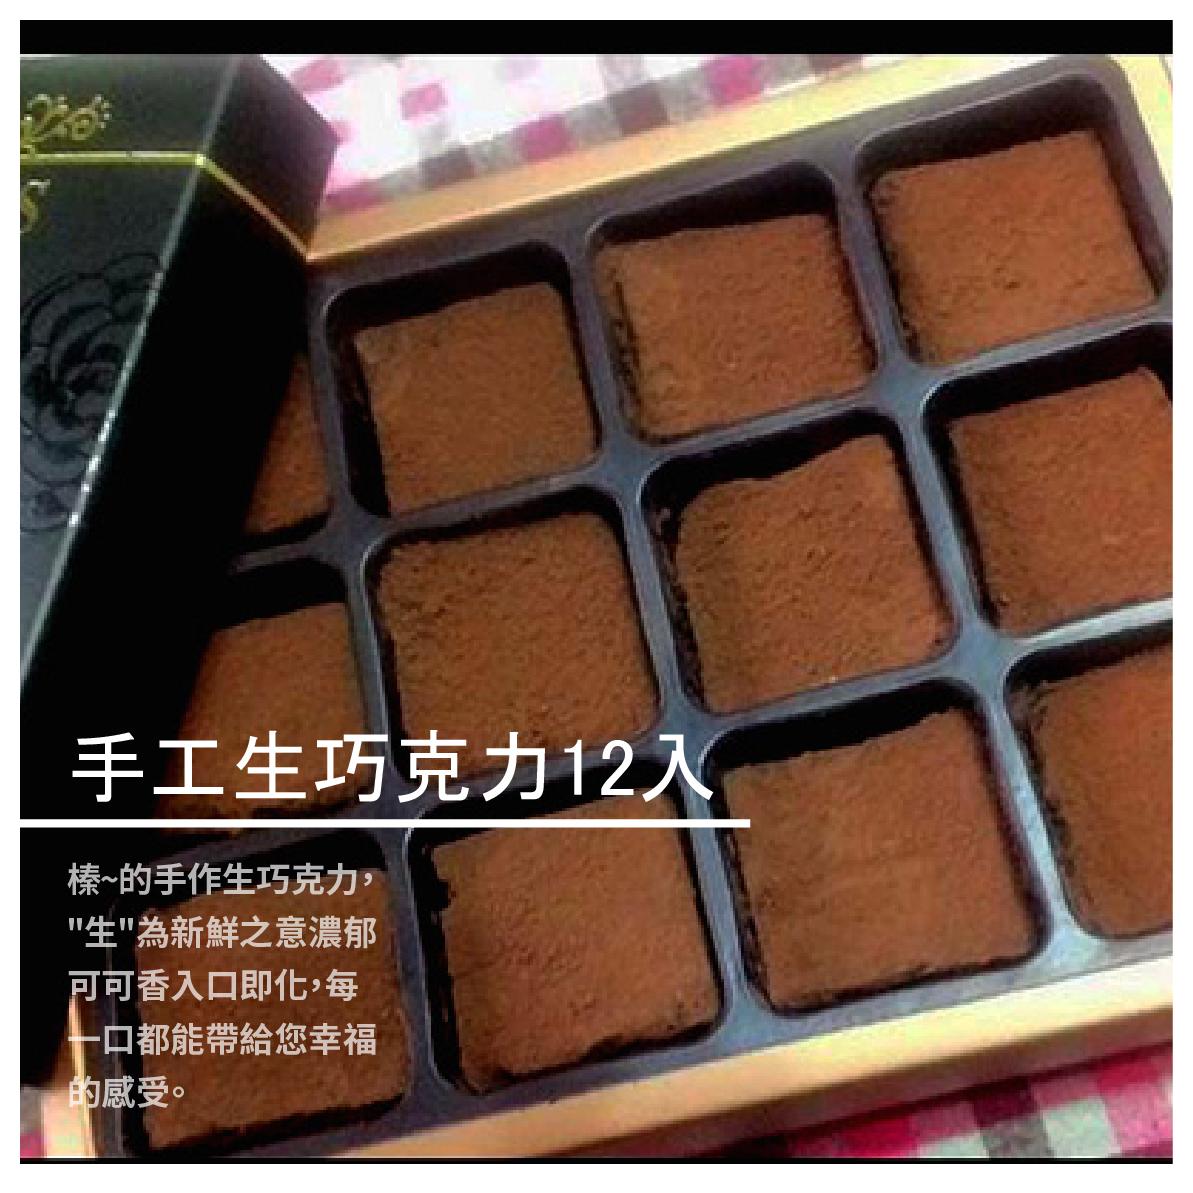 【榛  甜點工坊】手工生巧克力  12入